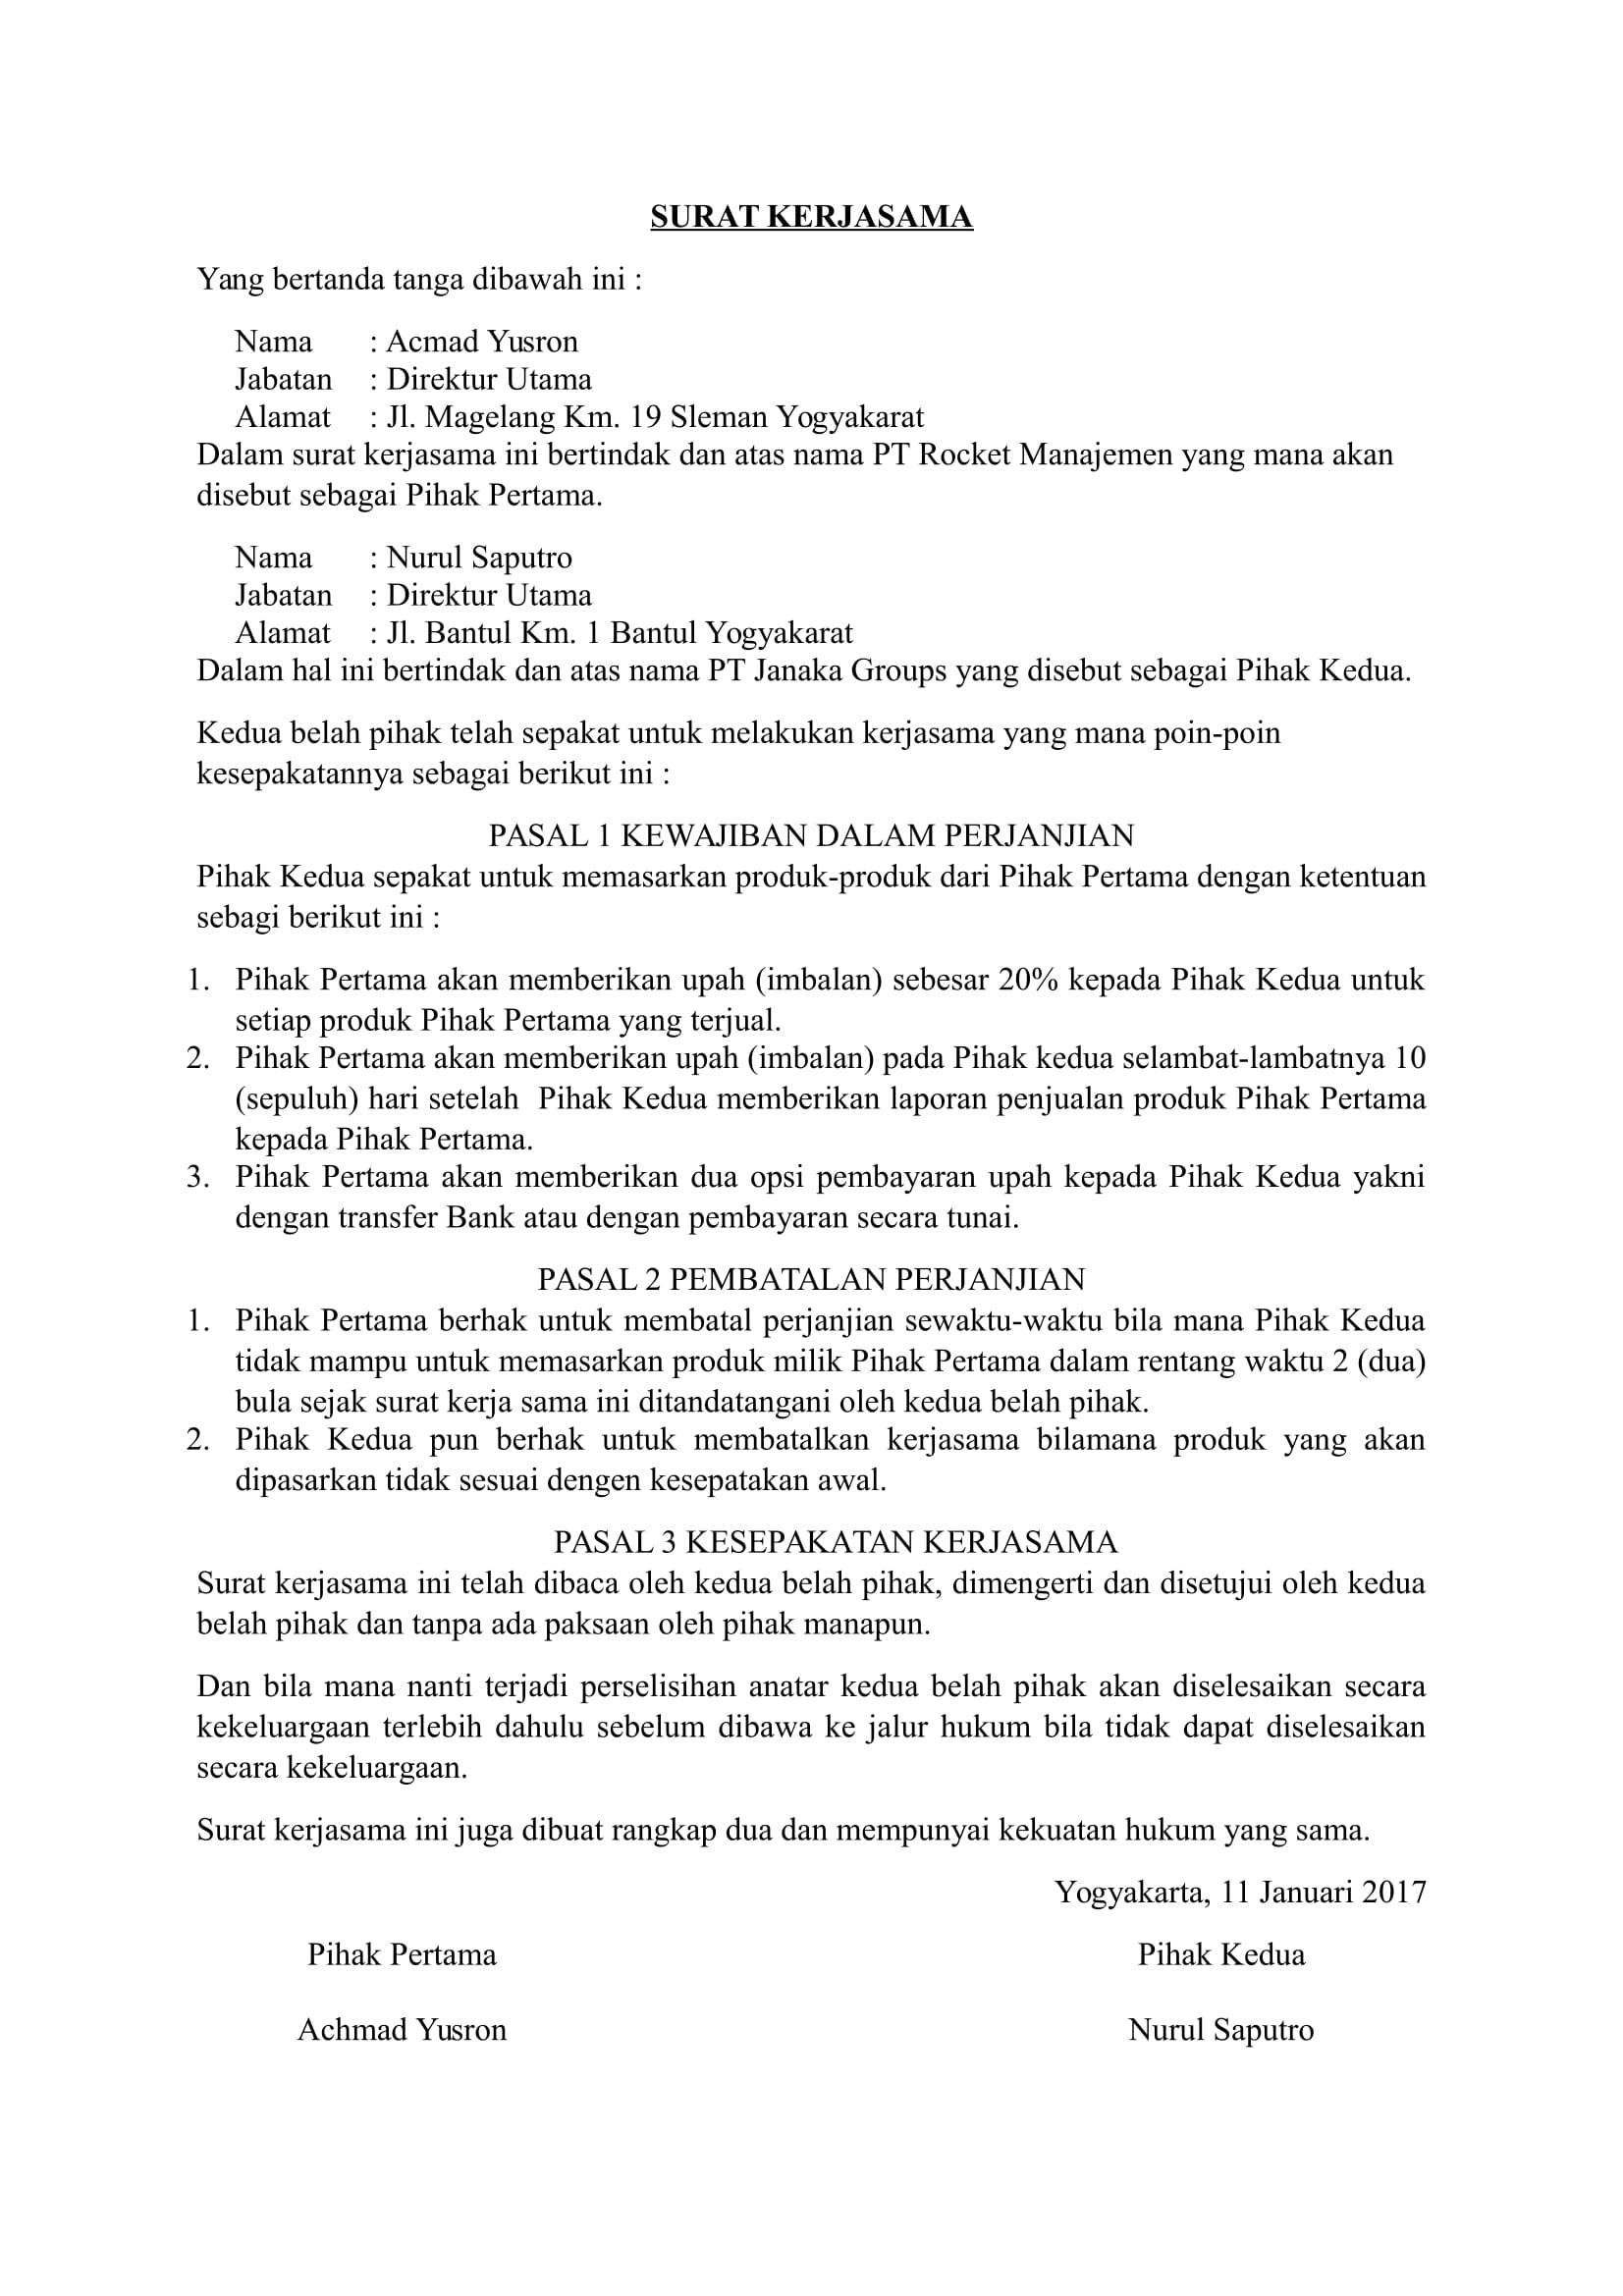 Contoh surat kerjasama